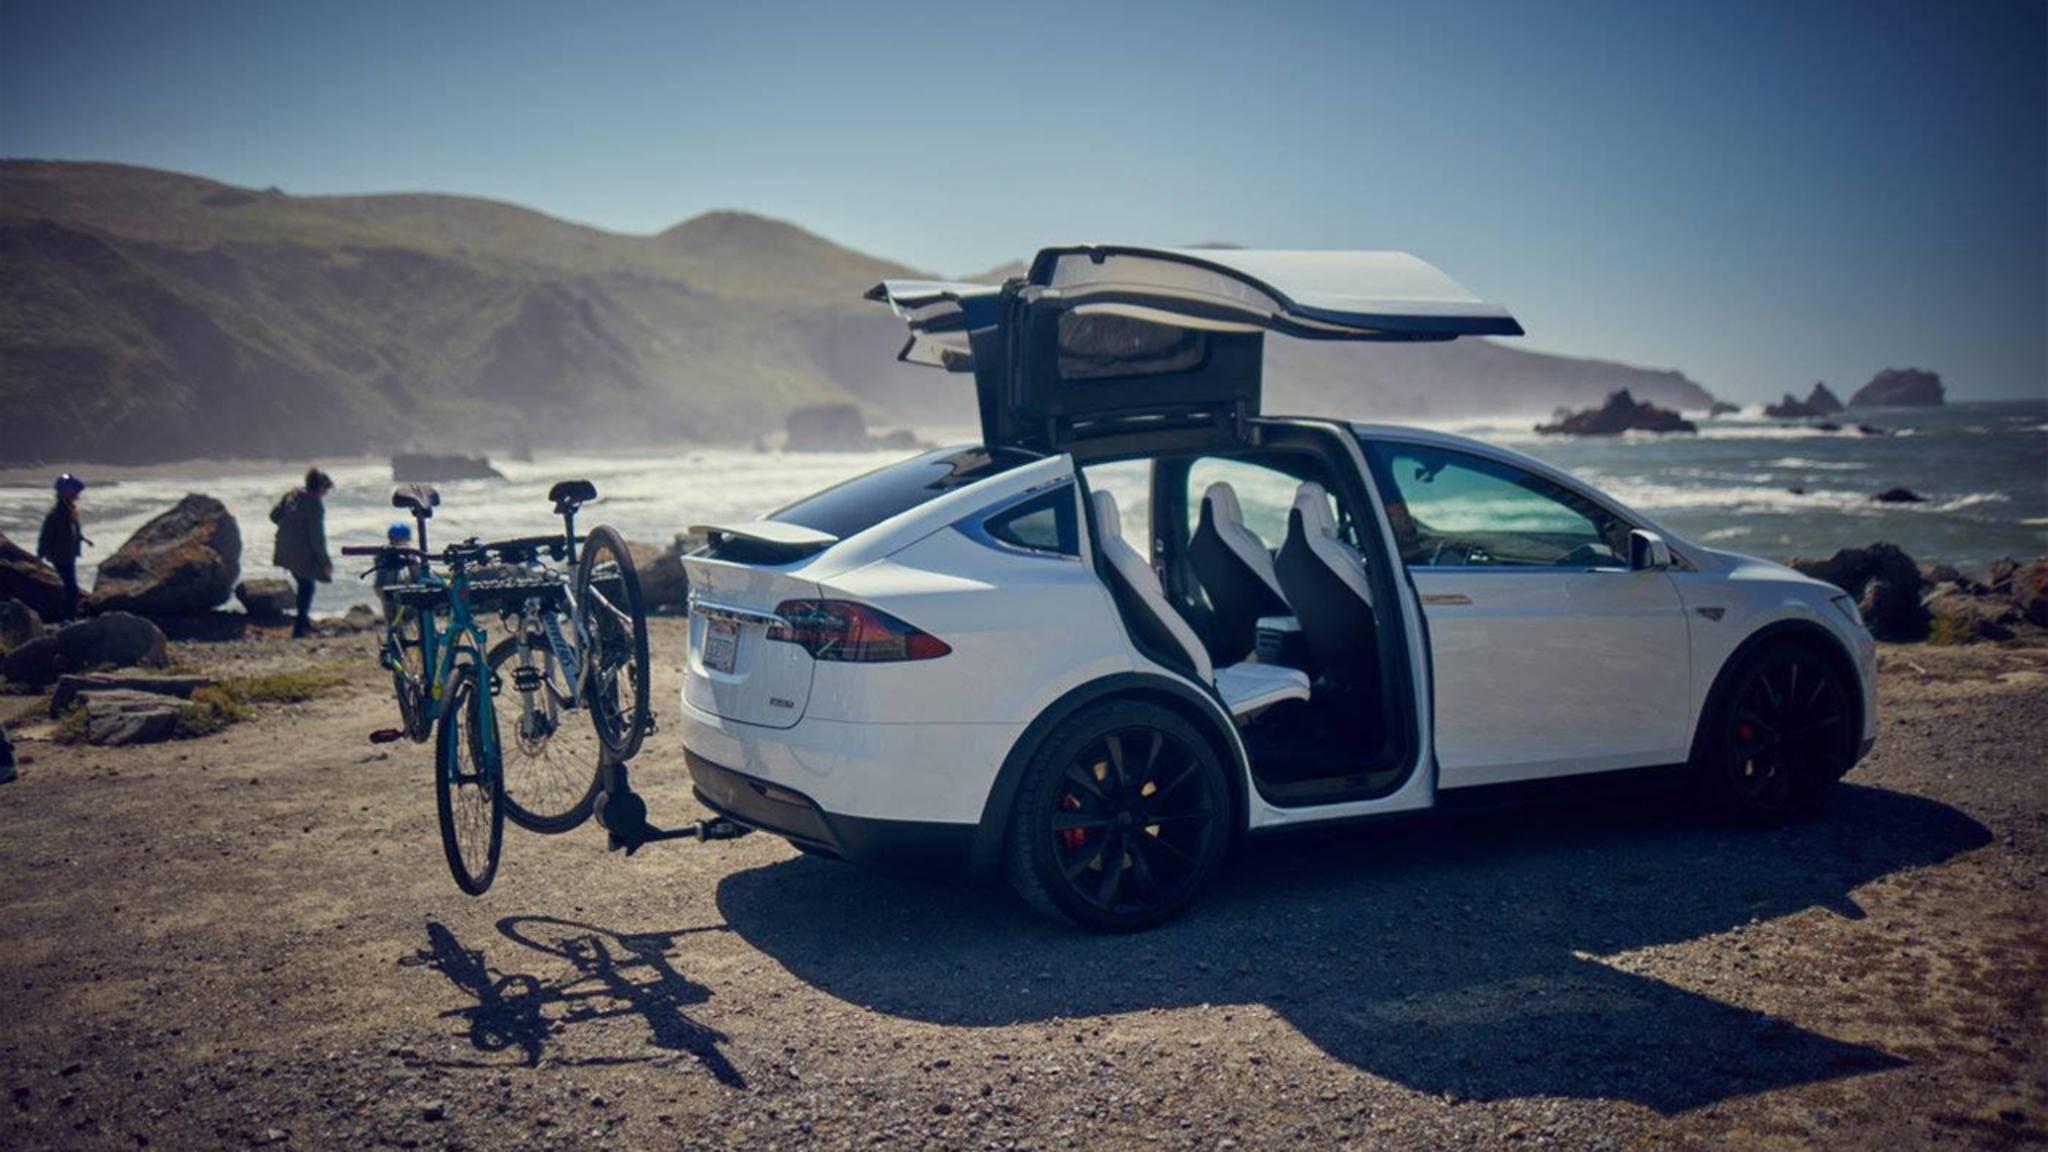 Mit dem Tesla-Autopiloten in einem Model X kam es bereits zu einem tödlichen Crash.